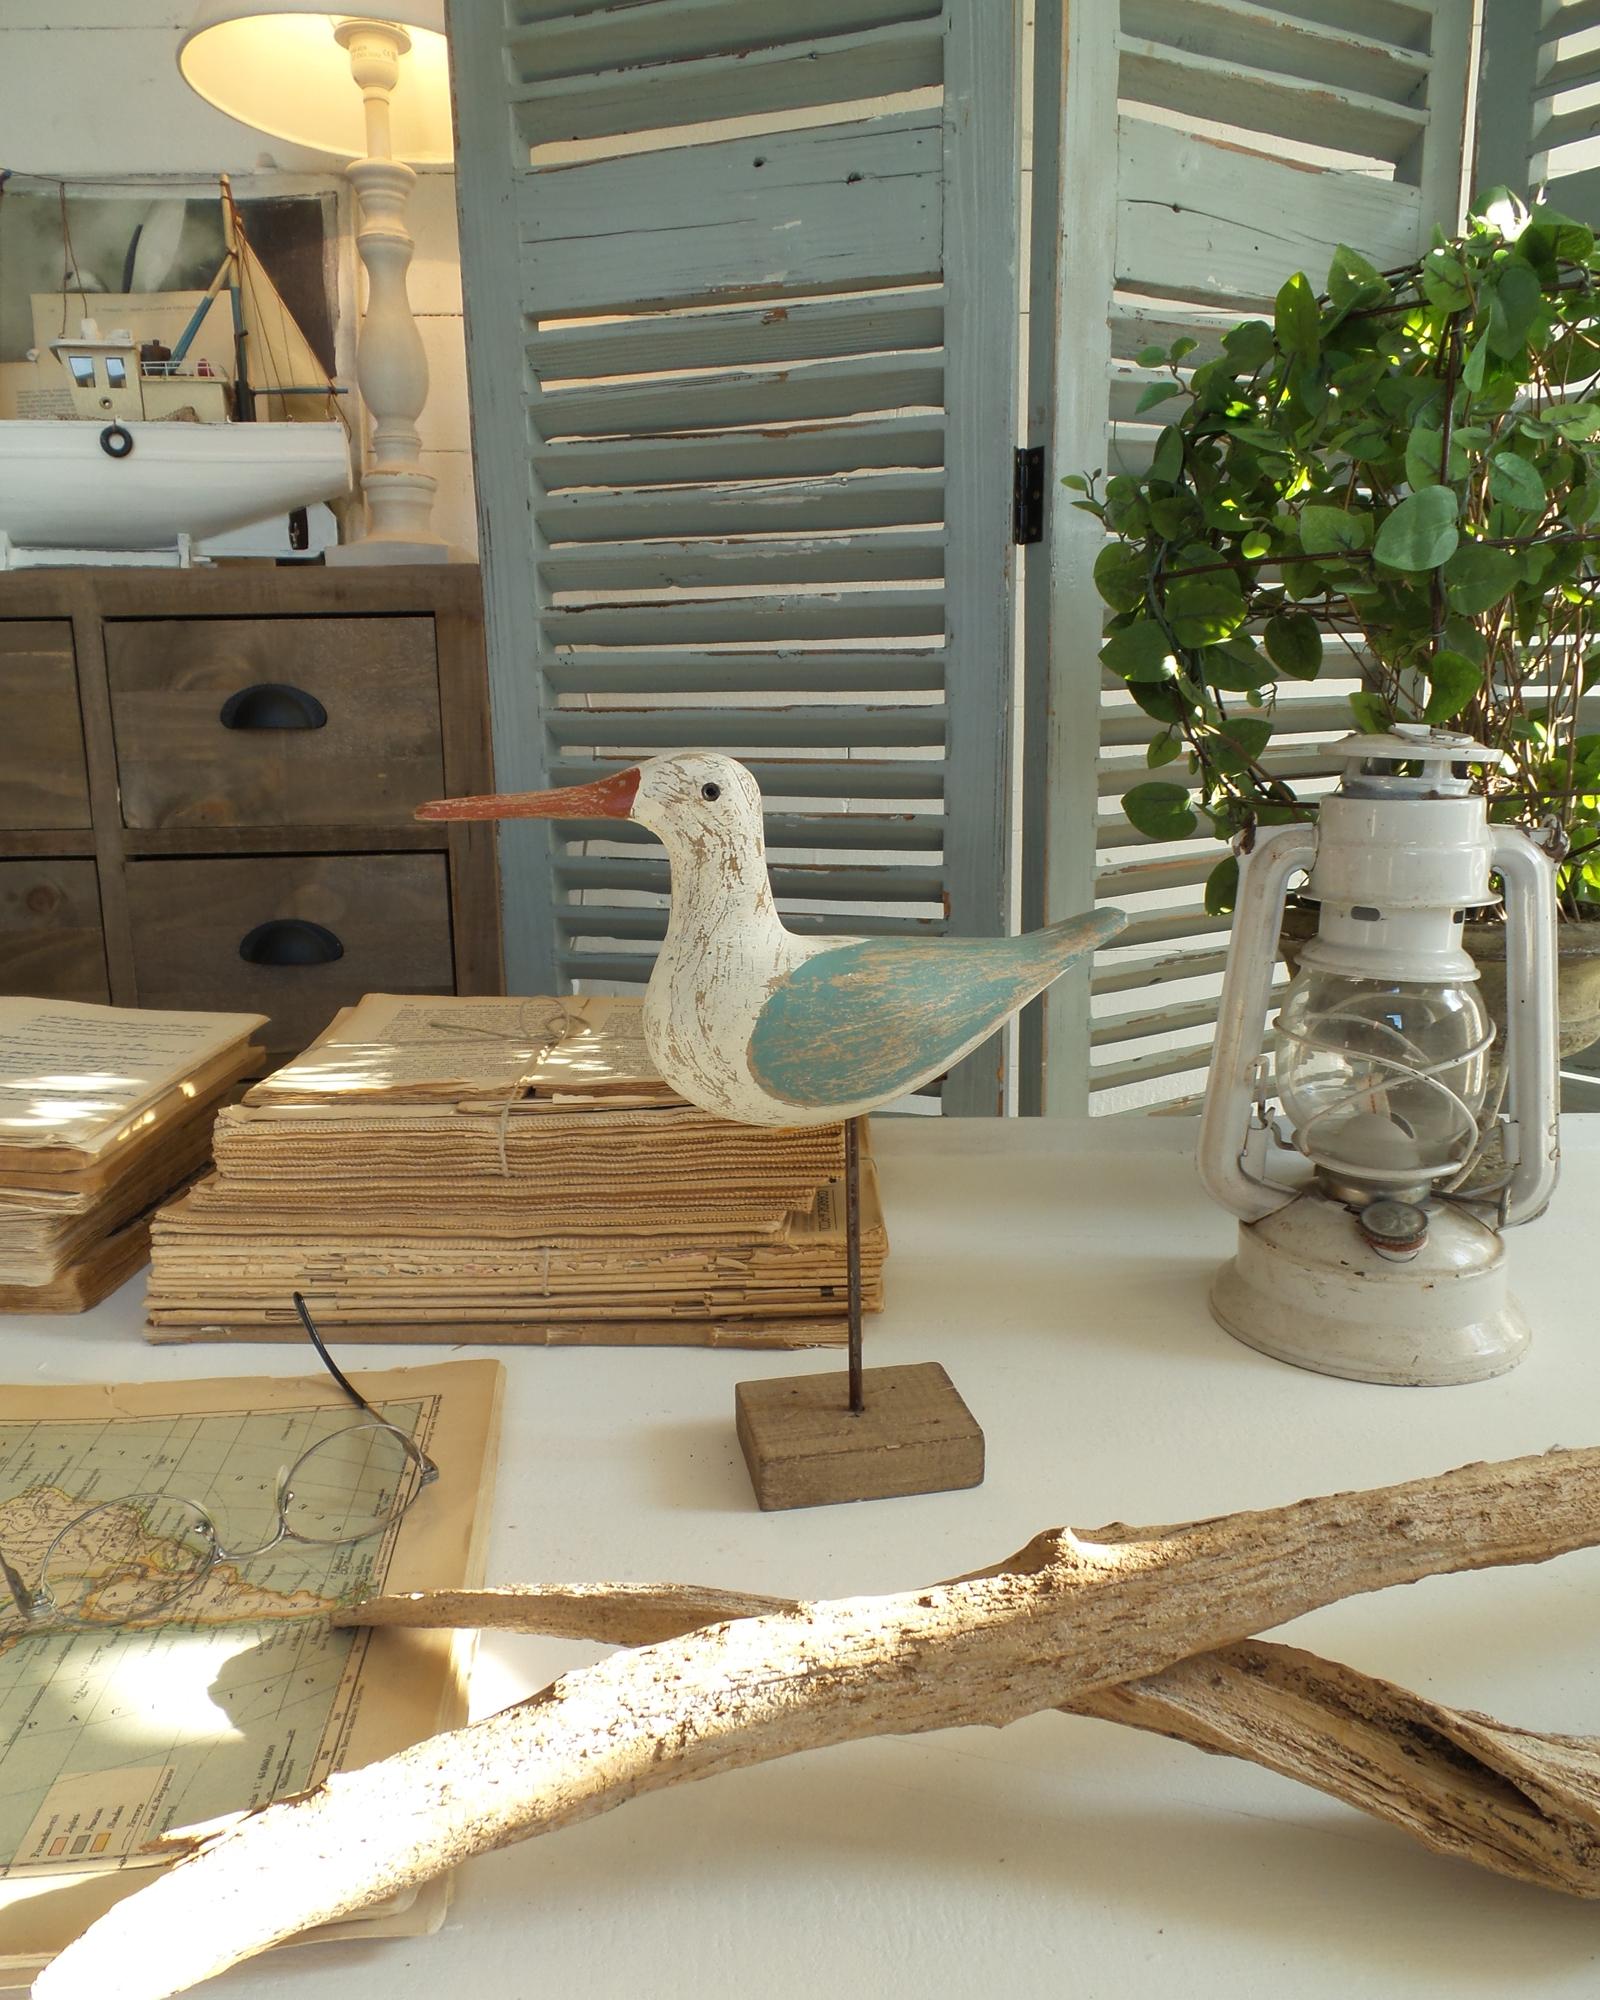 2 decorazioni in legno coastal teypat - Decorazioni legno ...